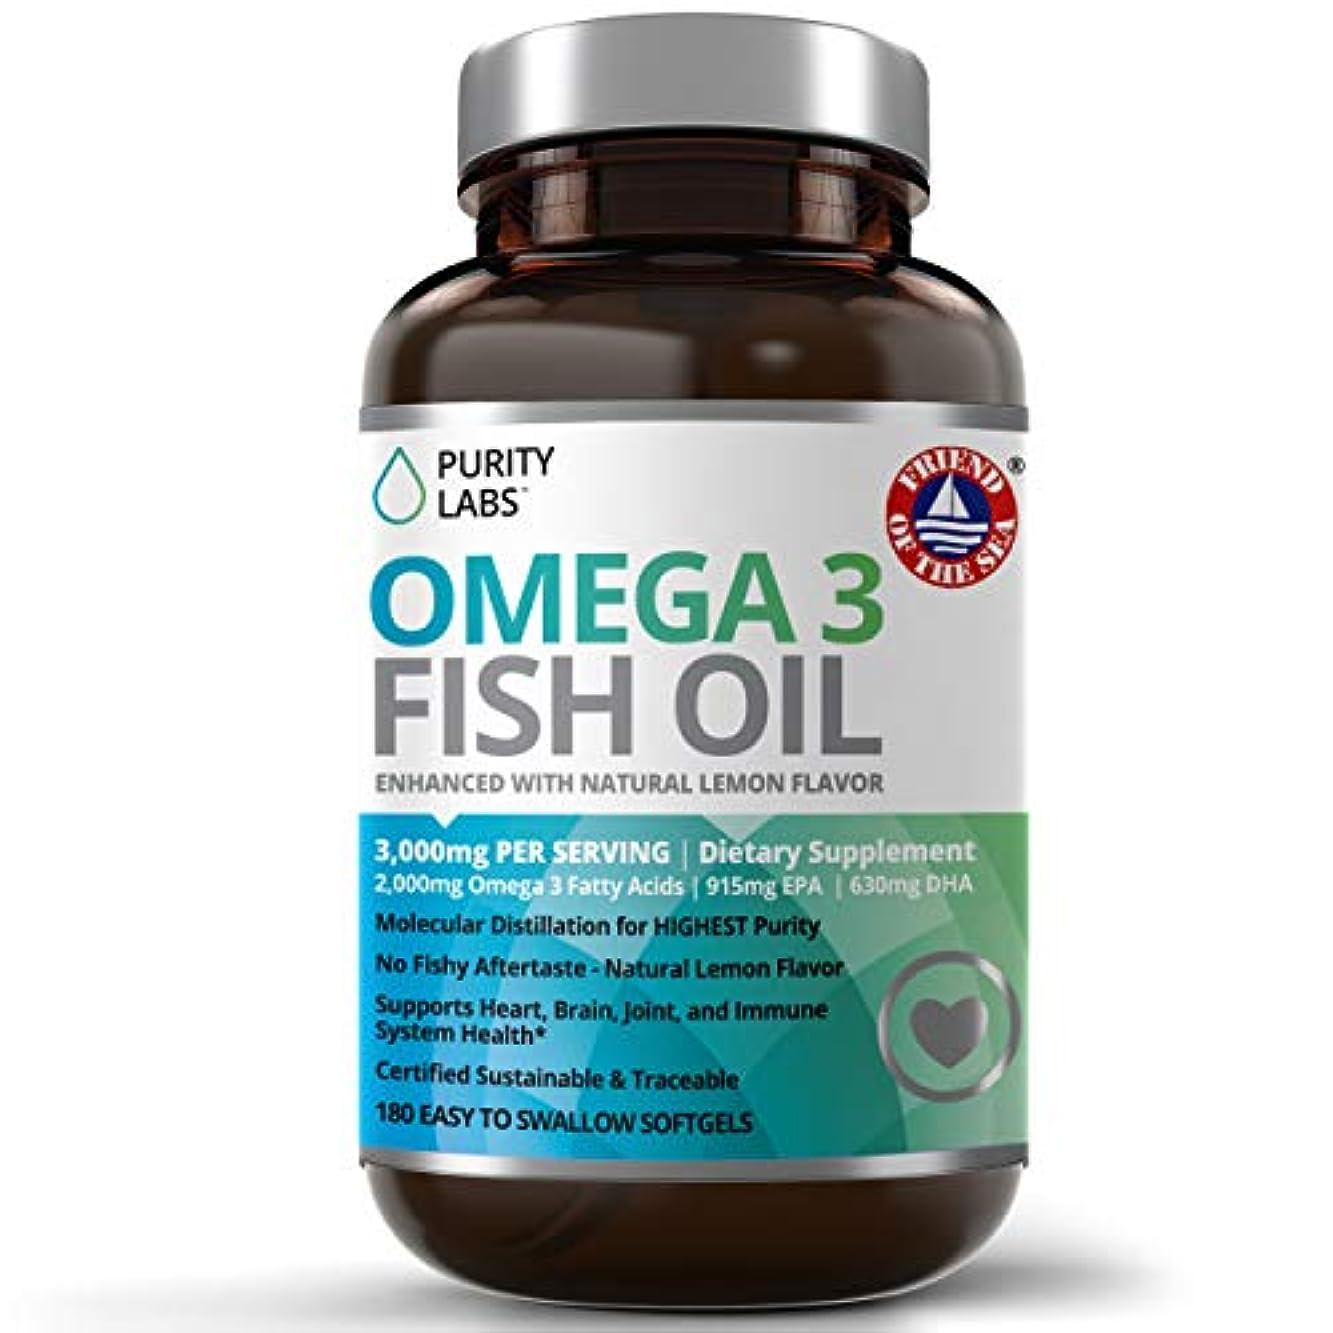 スキャンダル大学生三十Purity Labs Omega 3 Fish Oil Supplement 3,000 MG Per Serving 180粒